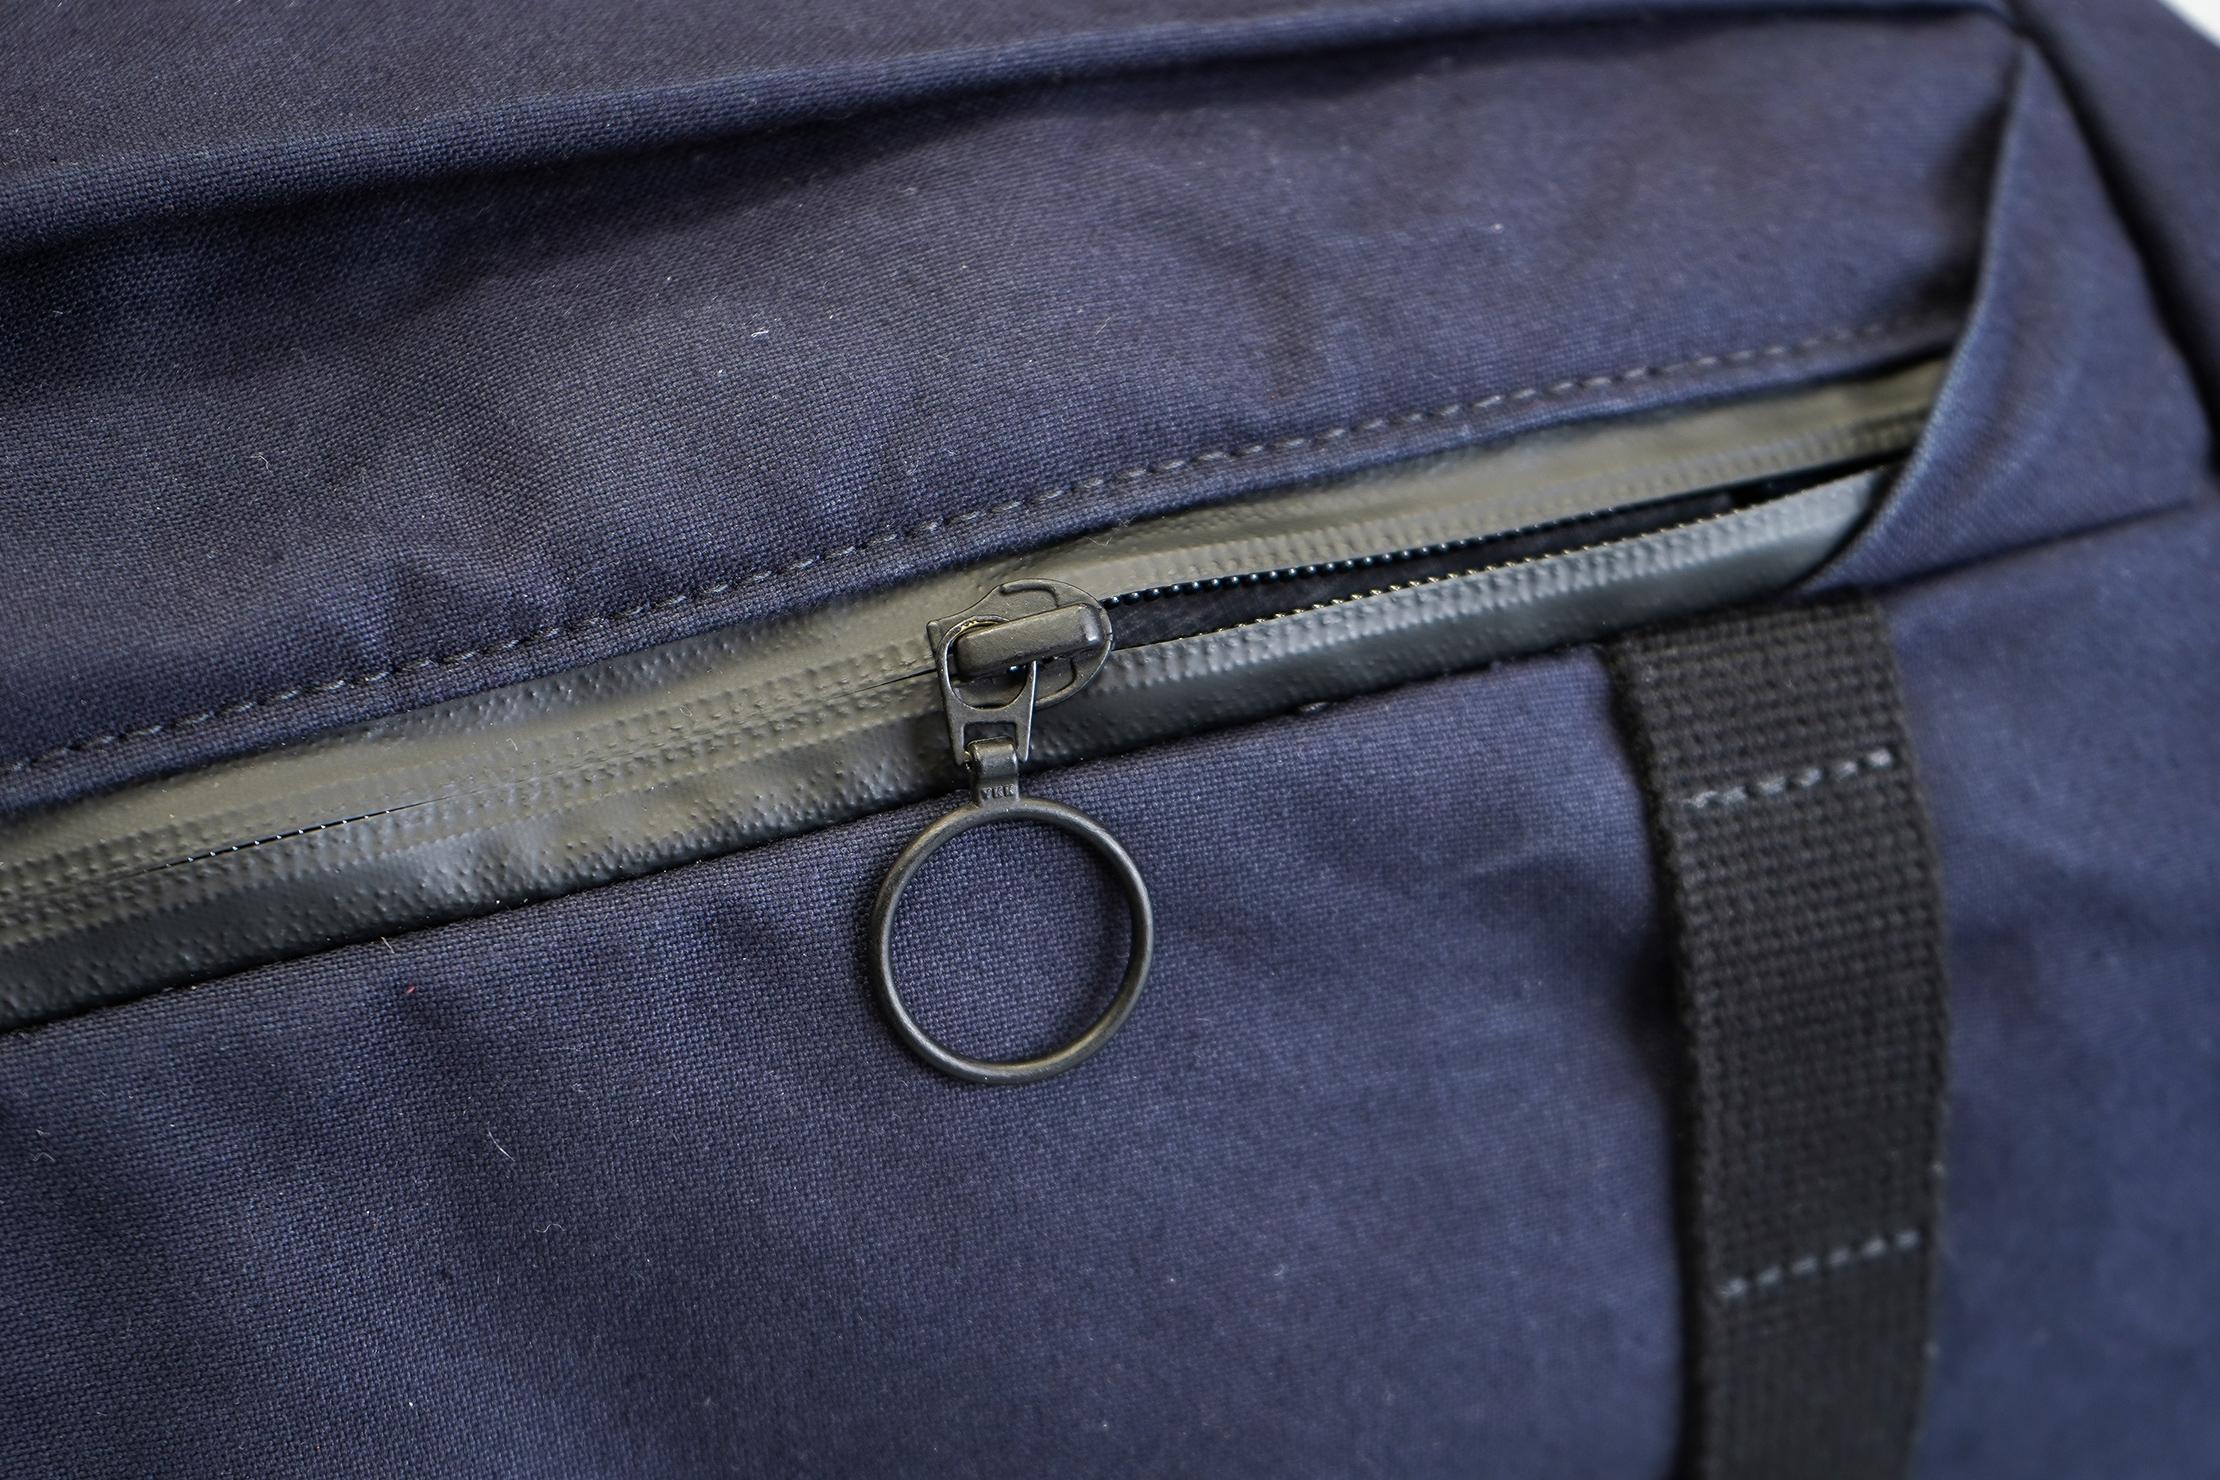 Trakke Vorlich YKK Aquaguard Zipper